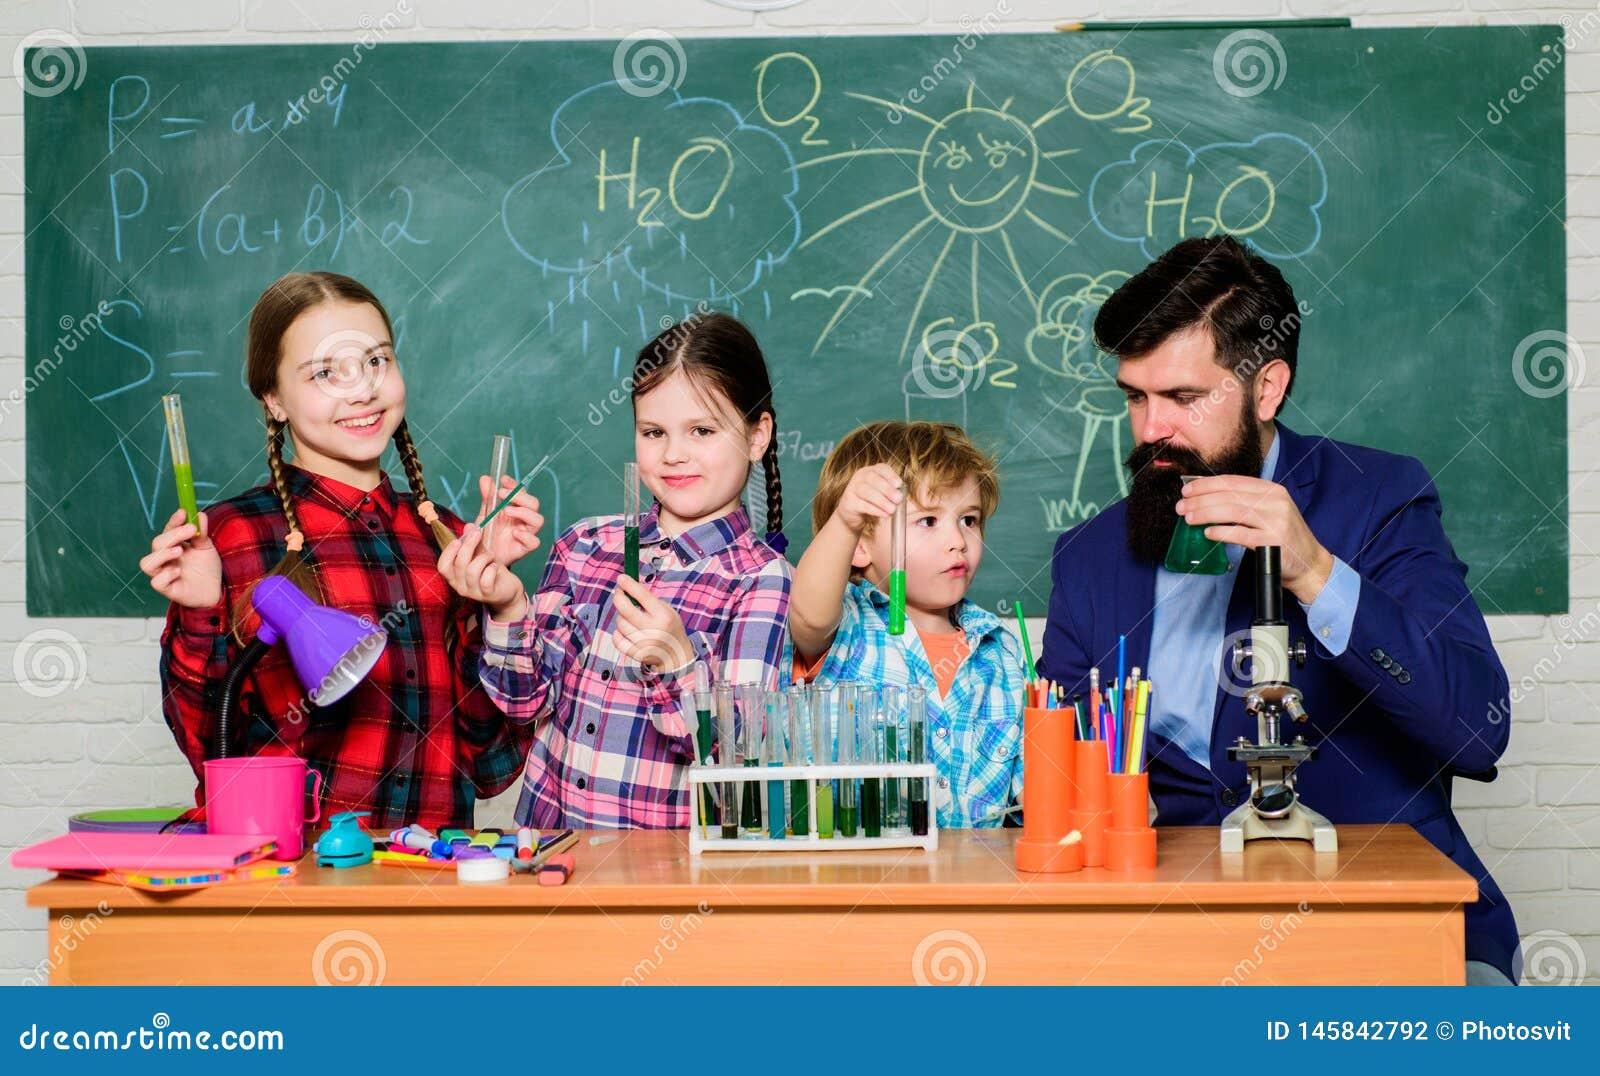 Chemie als thema gehade club Groepsinteractie en mededeling Belangen en onderwerpclub Aandeelbelangen hobbystalenten